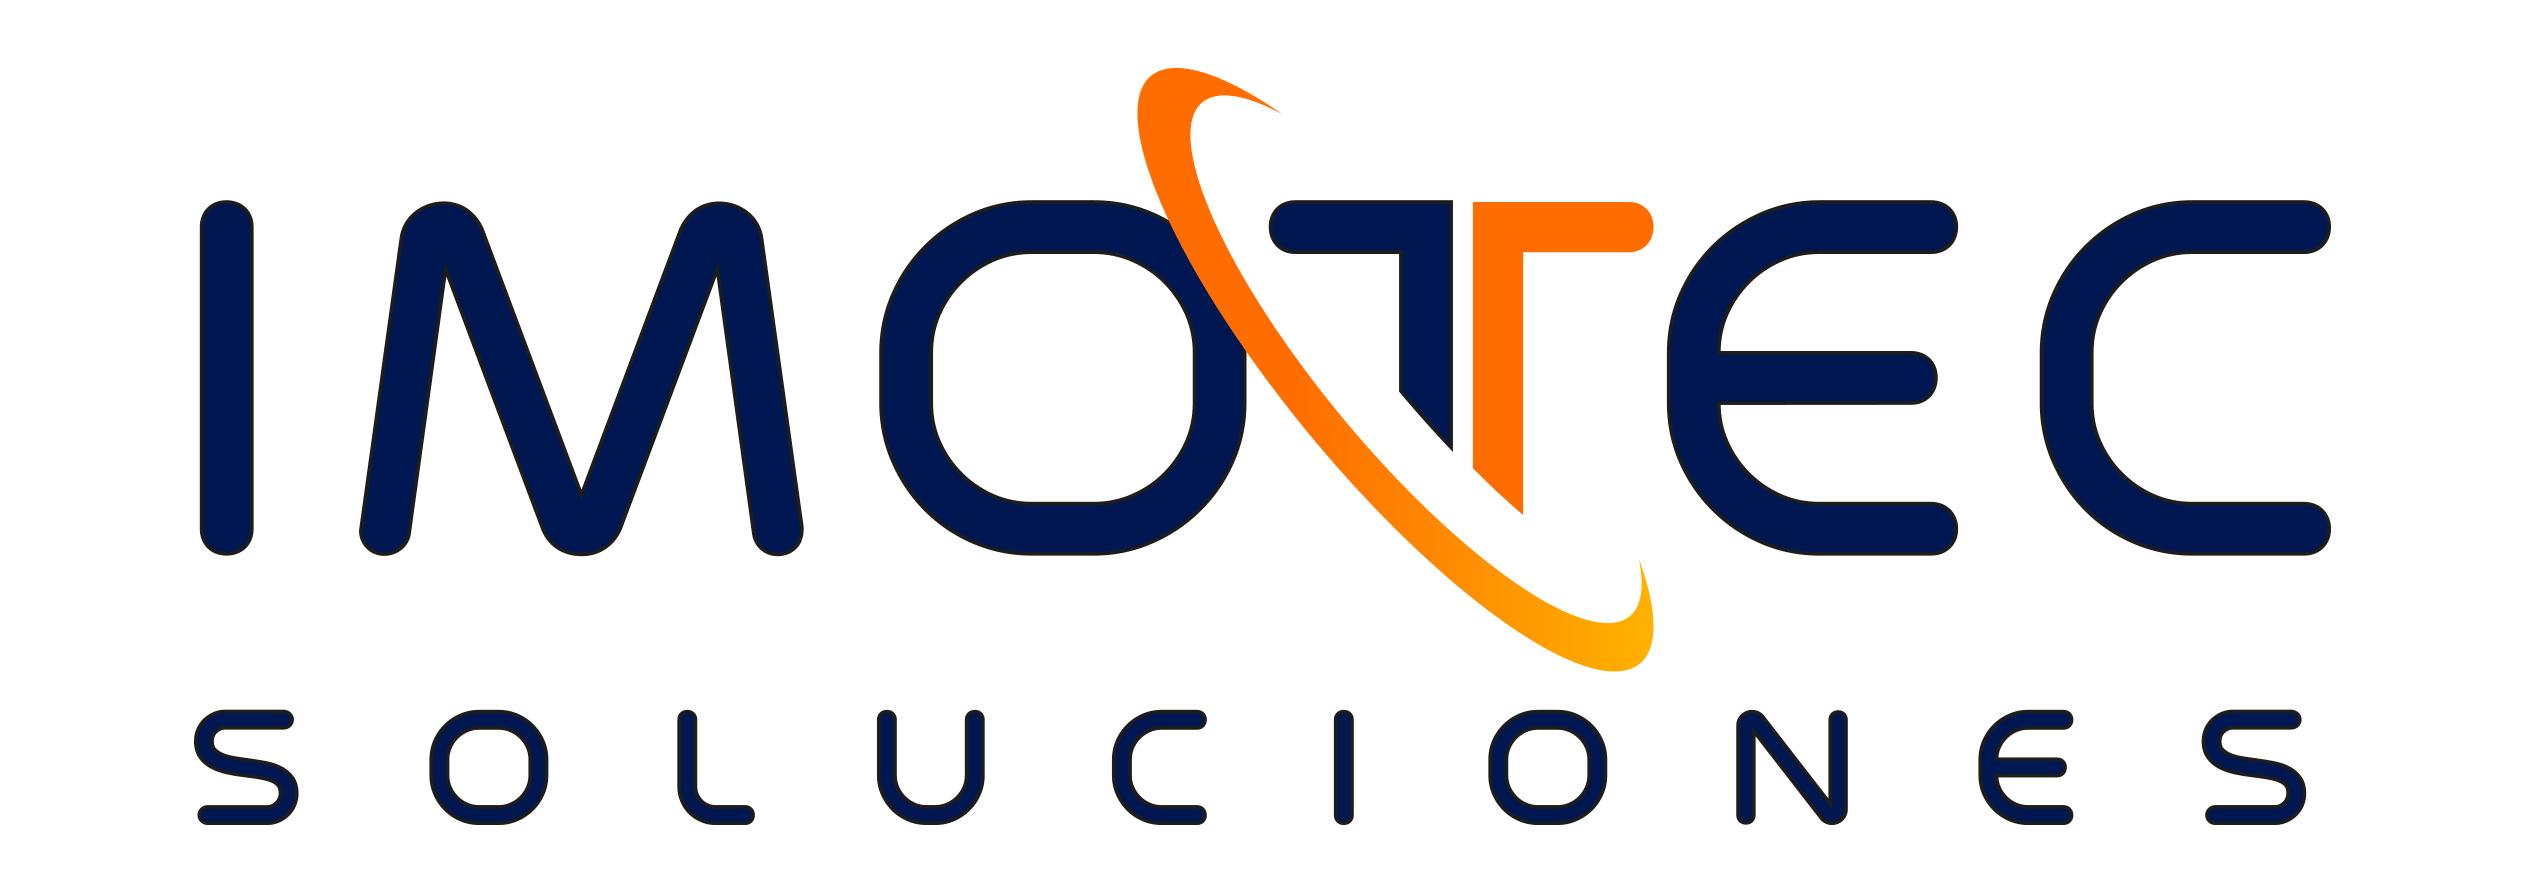 Imotec Soluciones | Electricidad |Domótica|Telecomunicaciones| Ribadeo |Lugo